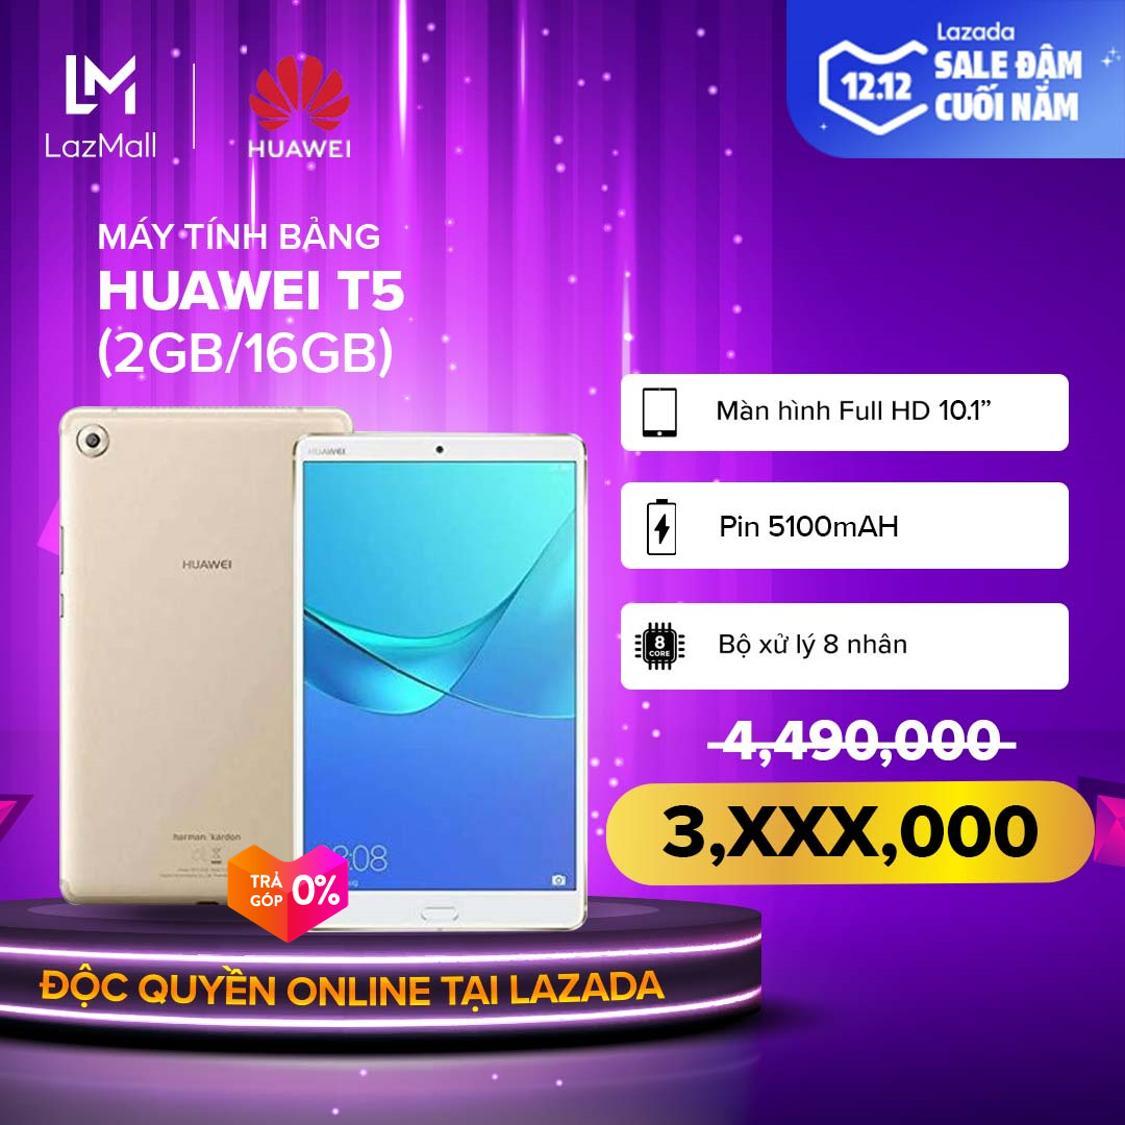 TRẢ GÓP 0%-BẢO HÀNH CHÍNH HÃNG|Máy Tính Bảng Huawei T5 (2GB/16GB) - Màn Hình 10.1'' Màn Hình FullHD 1080p Kirin 650 8 Nhân Pin Khủng 51000mAh Micro SIM -DỰ KIẾN GIAO HÀNG 12/12/2019 Giá Hot Siêu Giảm tại Lazada